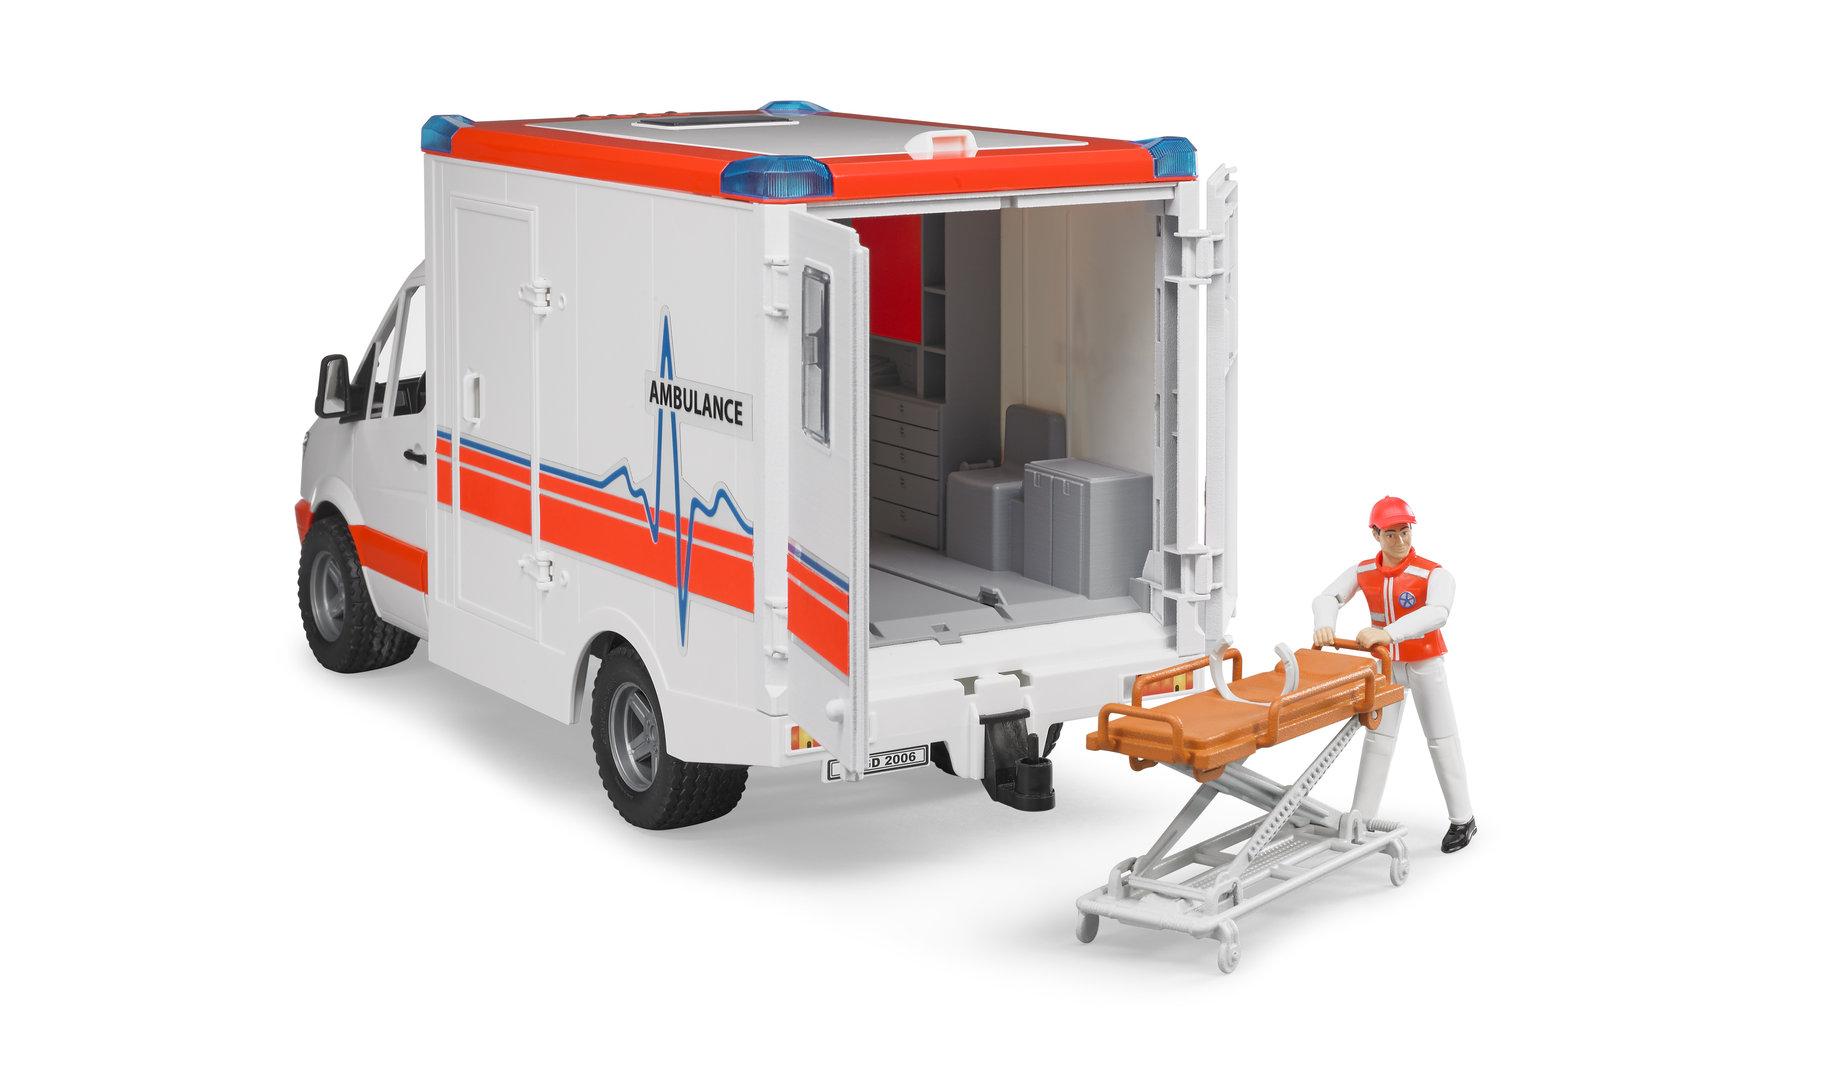 mb sprinter ambulanz bruder krankenauto bruder krankenwagen. Black Bedroom Furniture Sets. Home Design Ideas